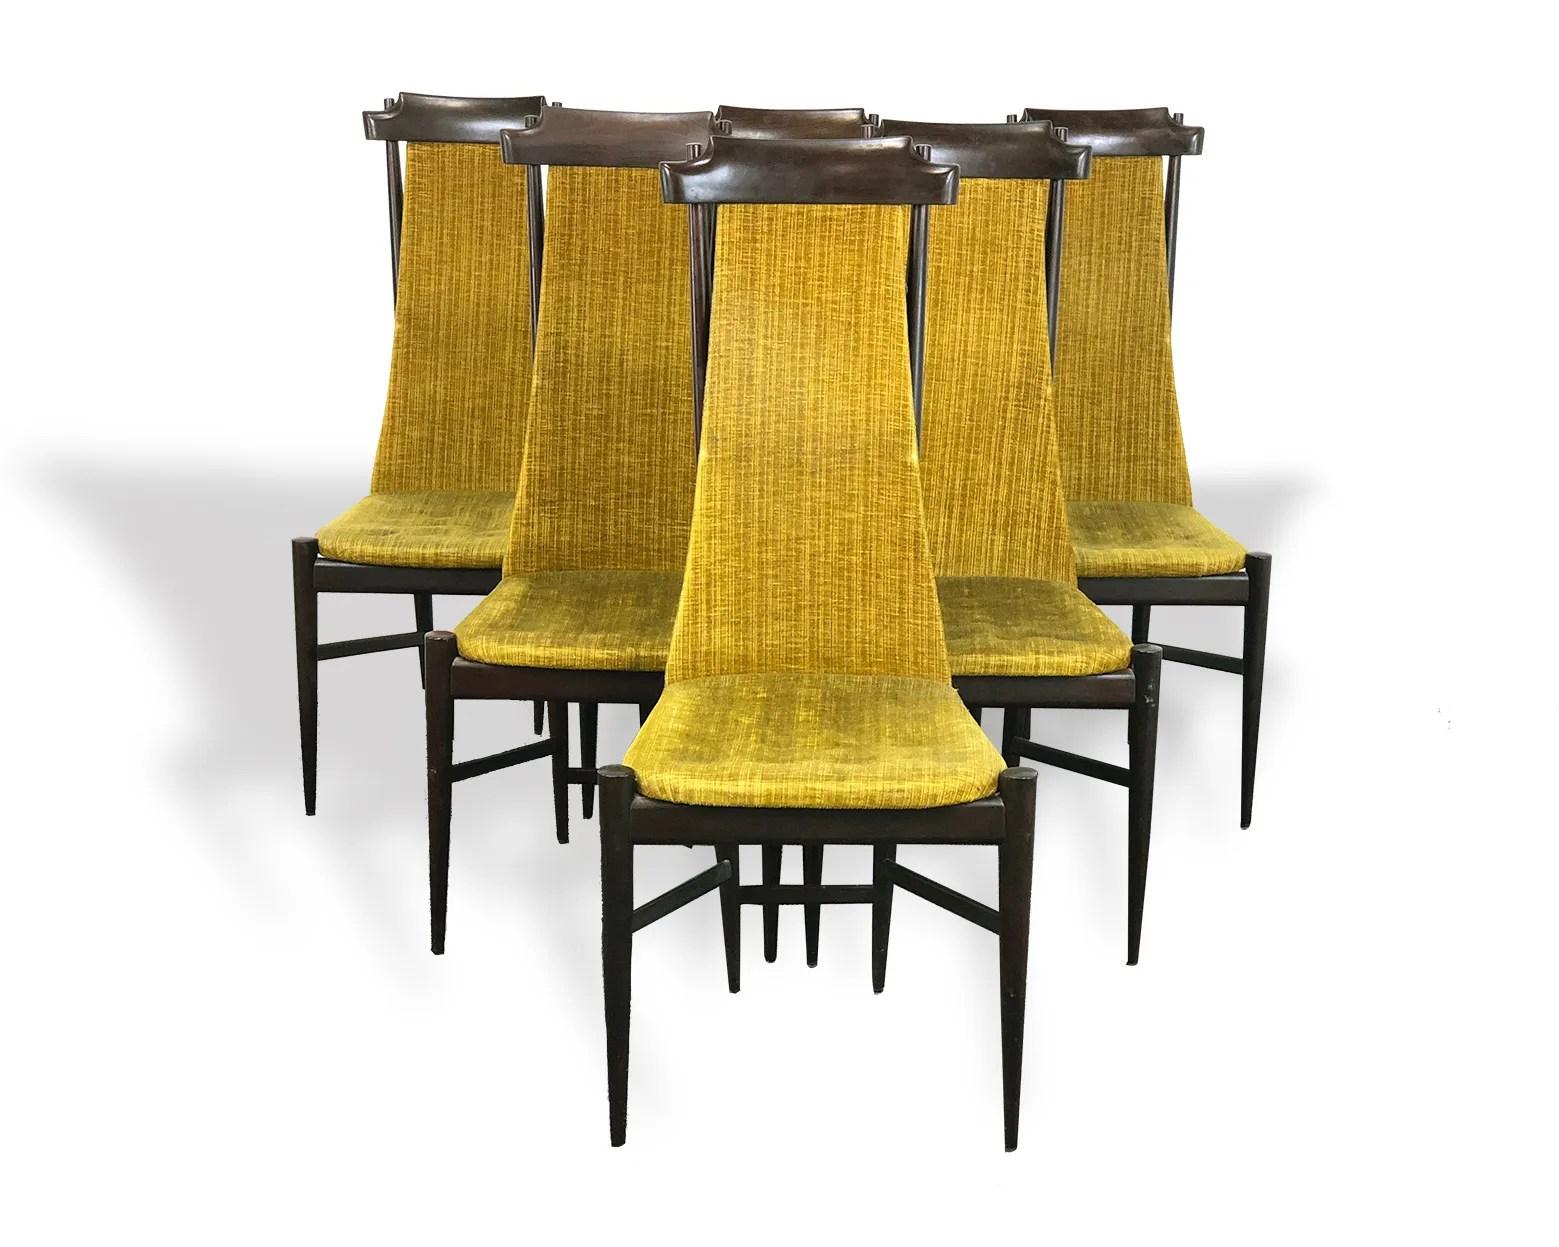 Sedie Imbottite Capitonnè : Sedie imbottite vintage sedie vintage legno casamia idea di immagine